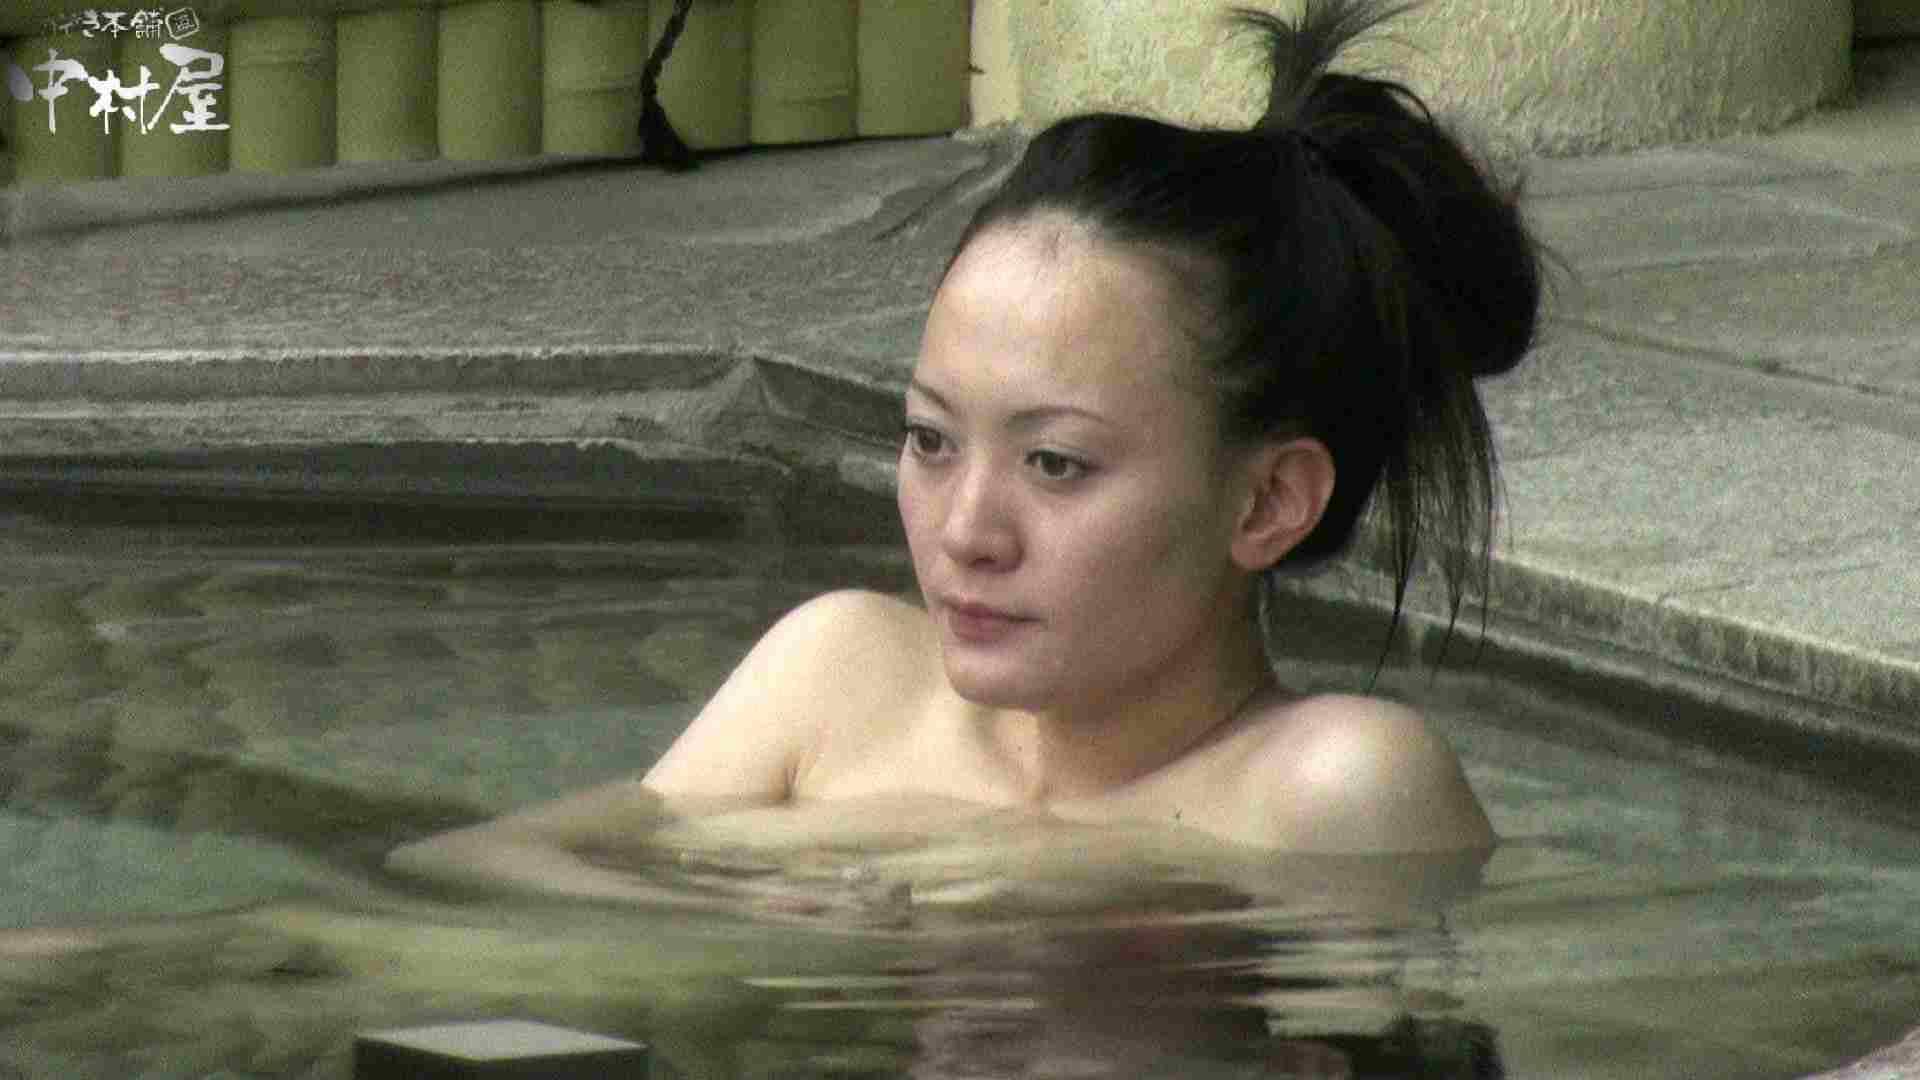 Aquaな露天風呂Vol.900 美しいOLの裸体  86pic 36